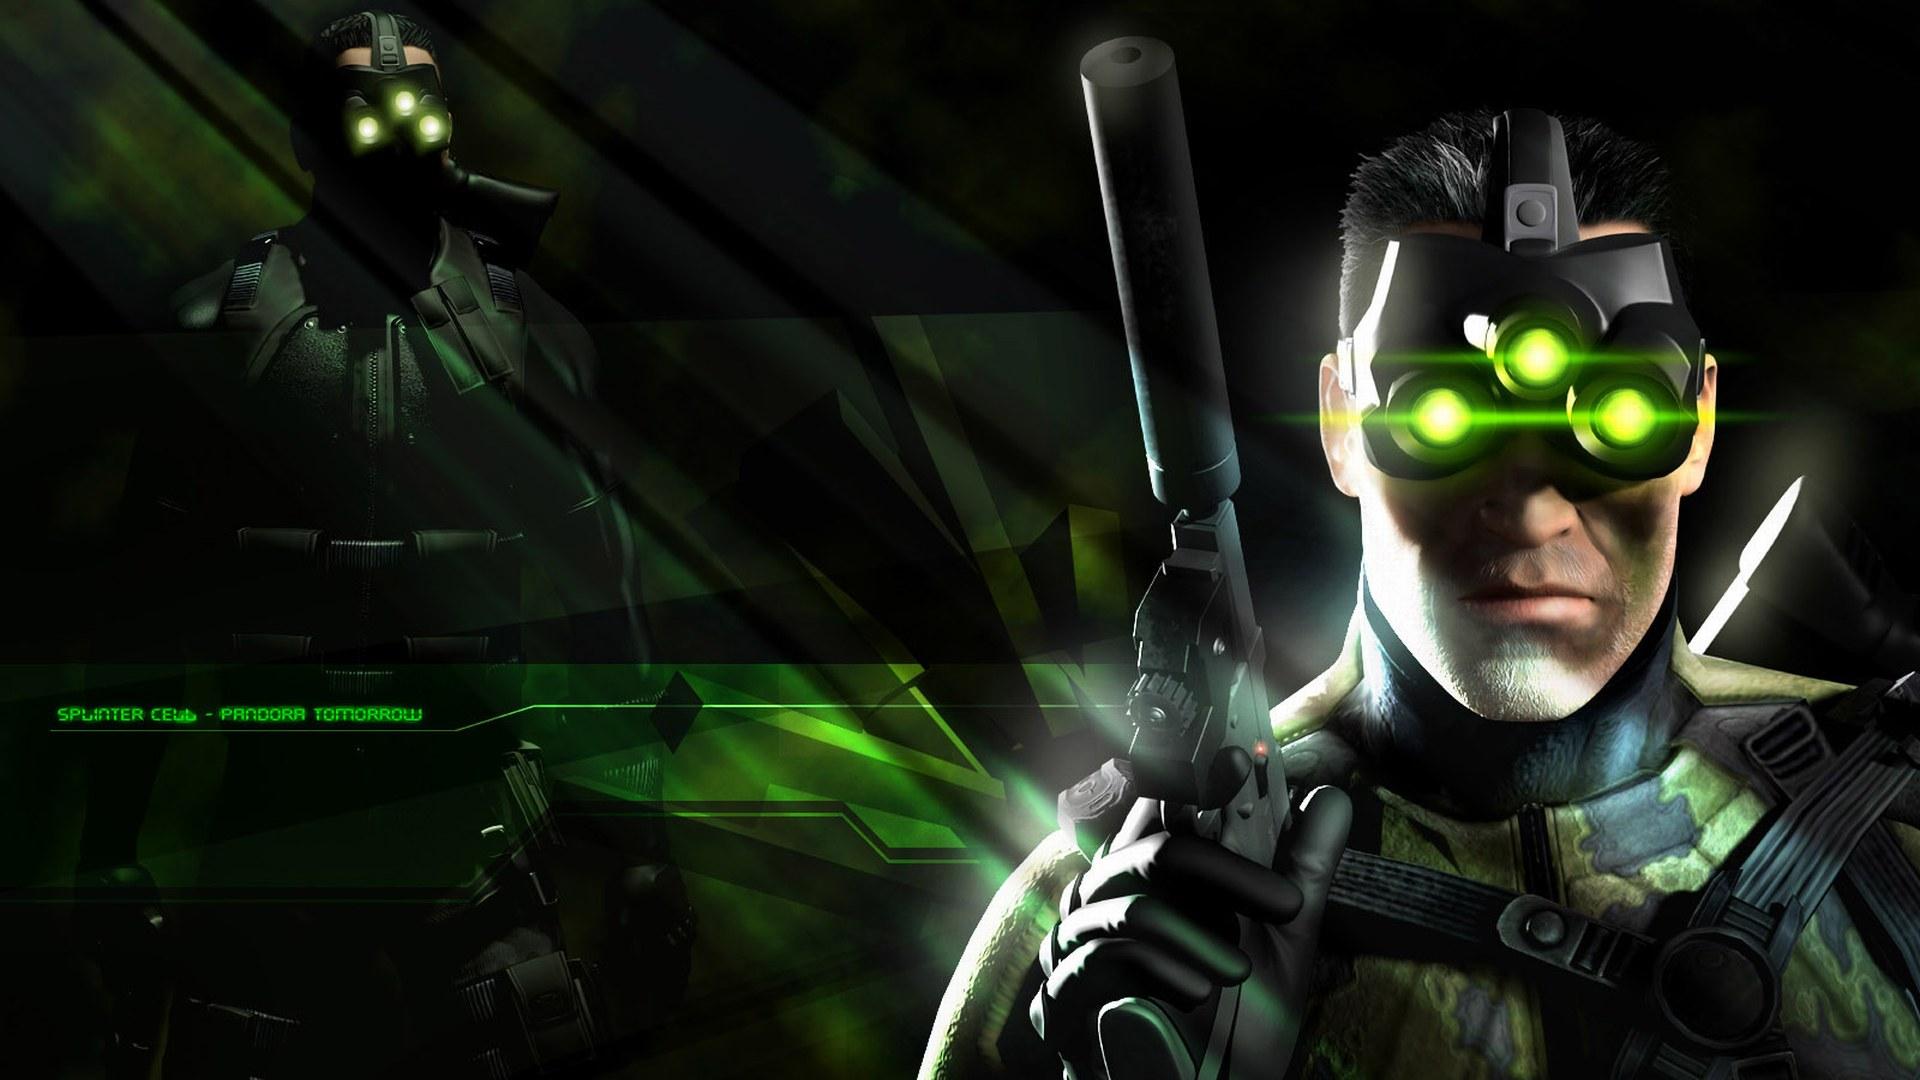 3. Splinter Cell: Pandora Tomorrow